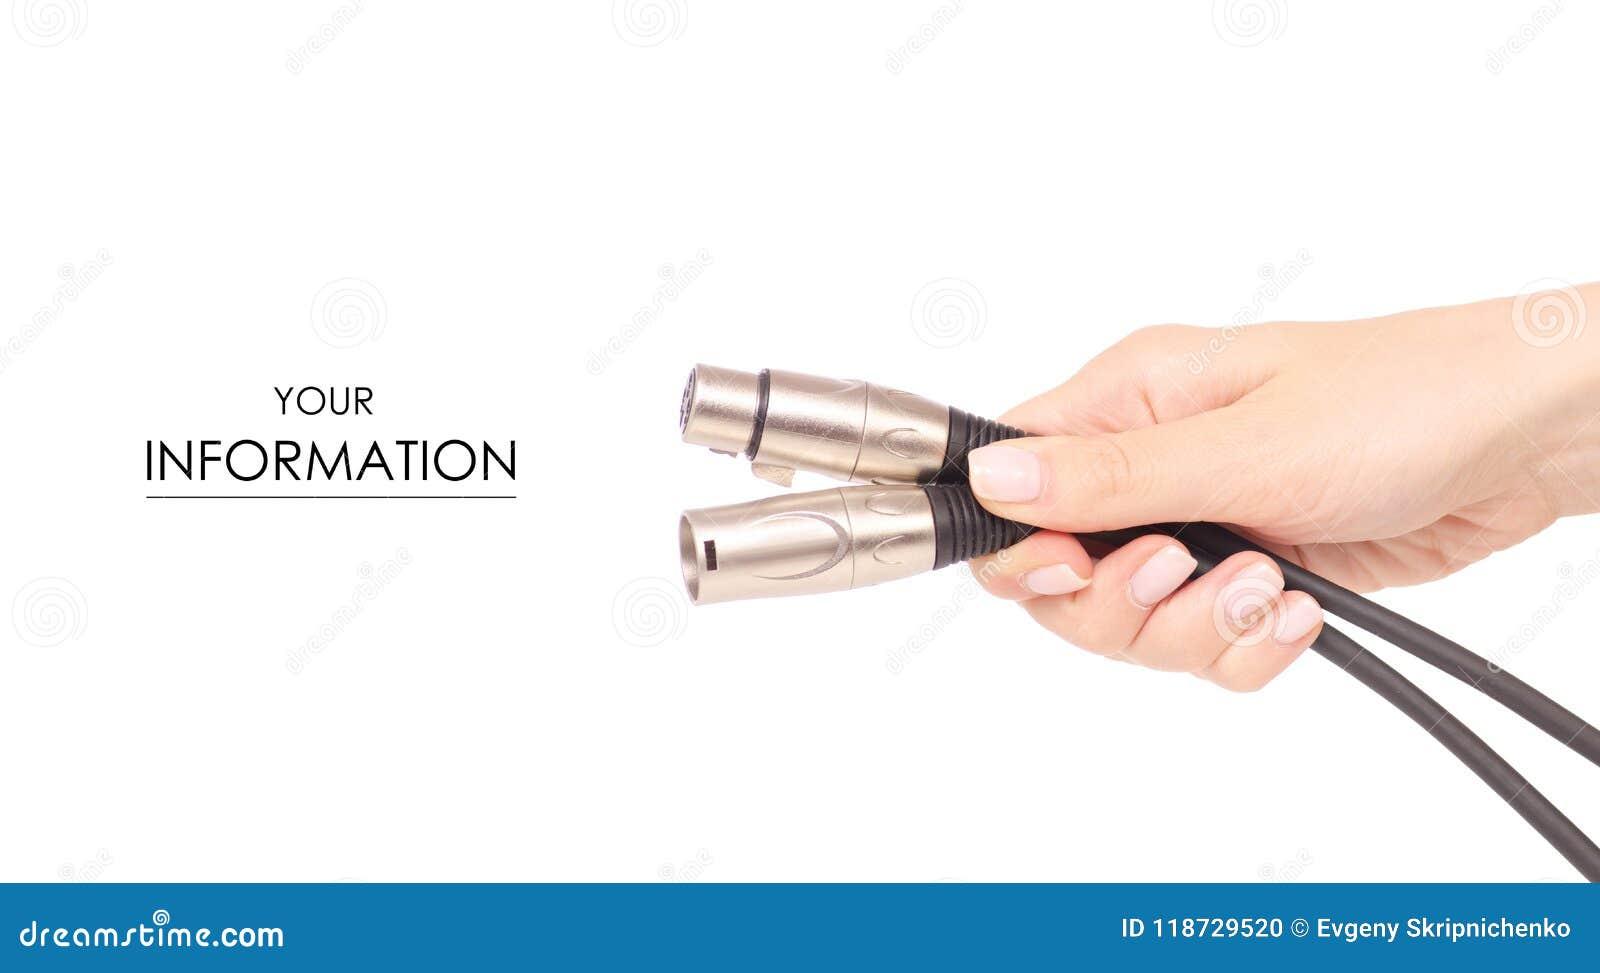 Xlr kabel w ręka dźwięka mikrofonu elektronicznym wzorze